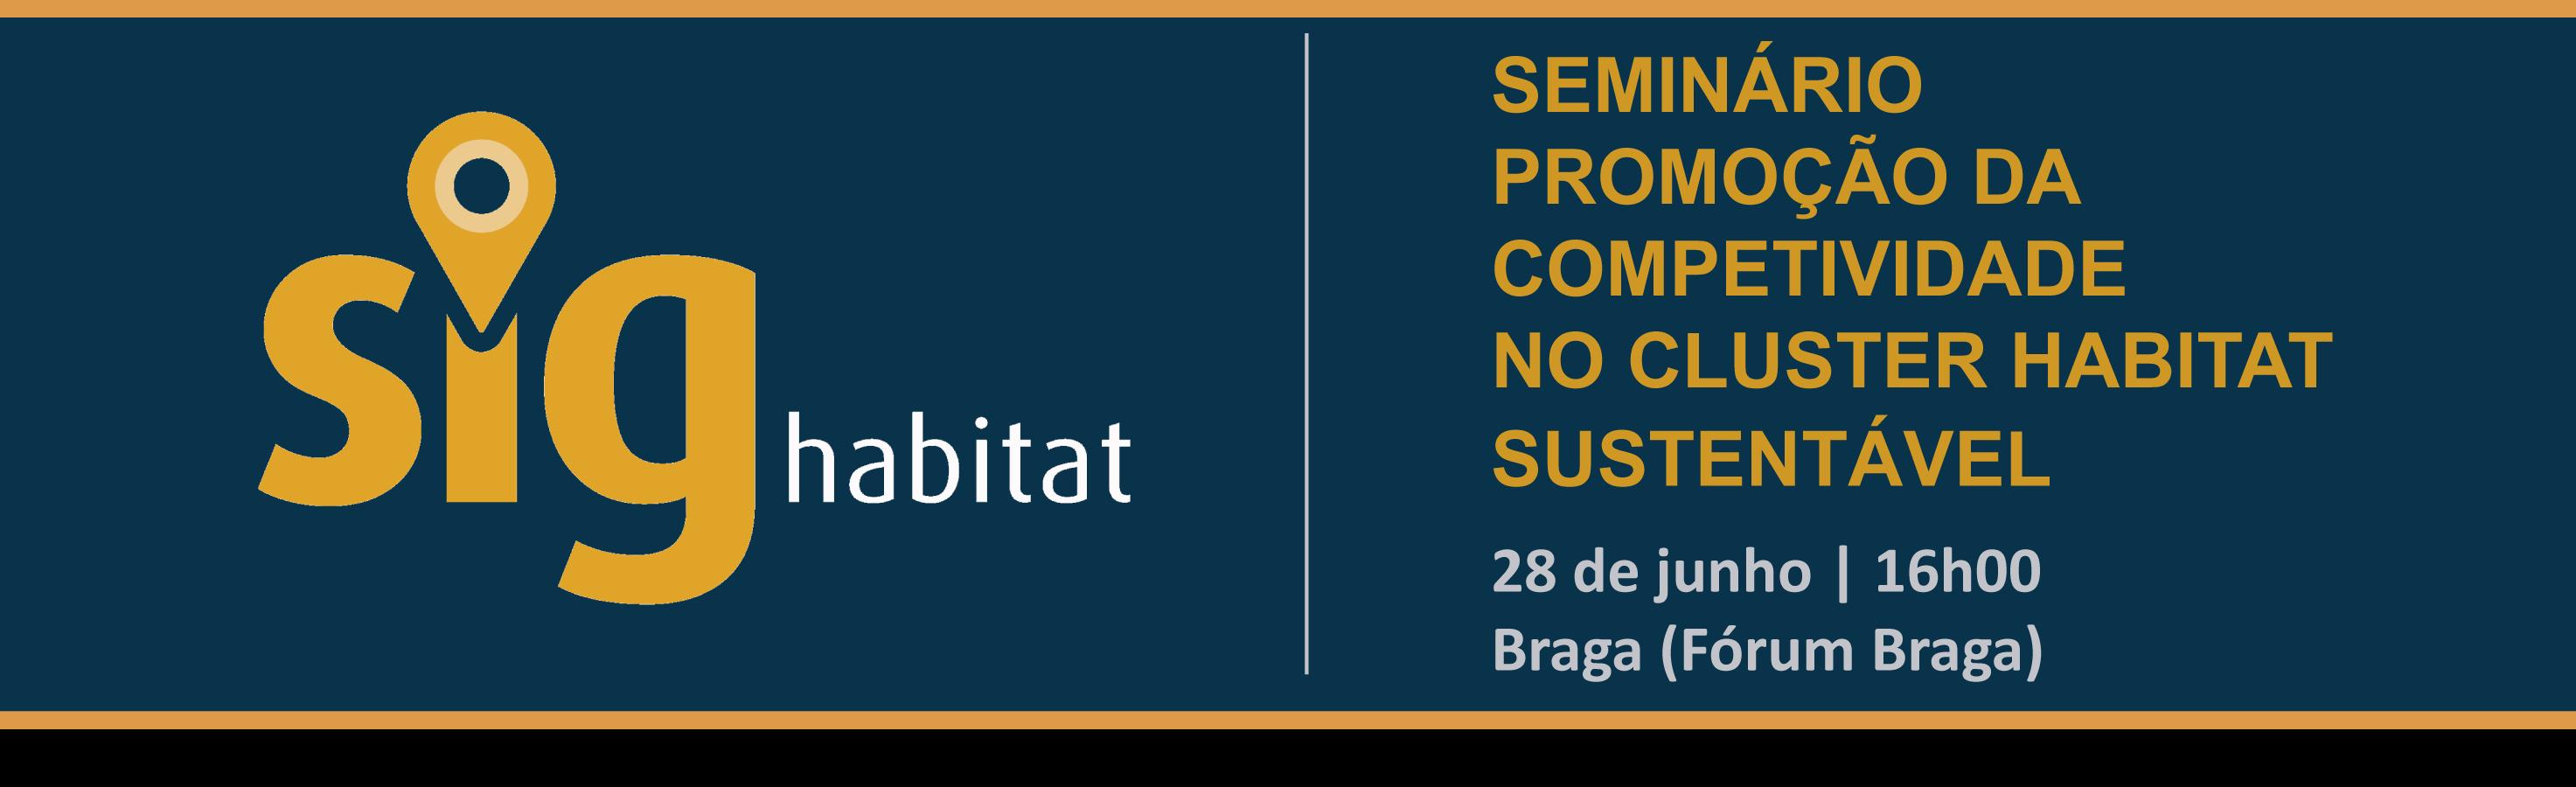 Seminário Promoção da Competitividade no Cluster Habitat Sustentável